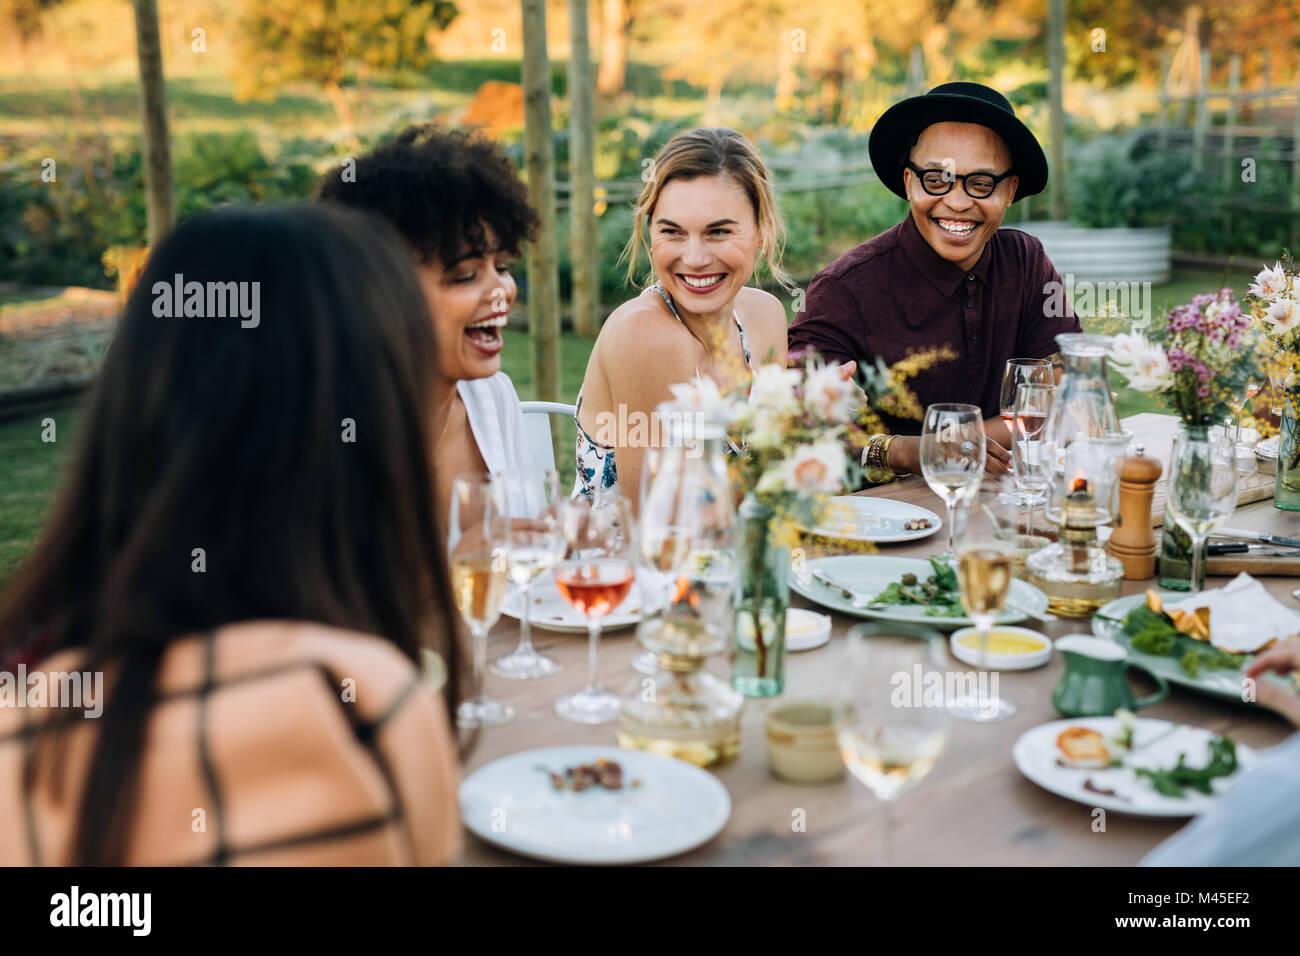 Gruppo di amici gustando party all'aperto nel giardino di casa. Millennial godendo estate pasto presso il ristorante. Immagini Stock